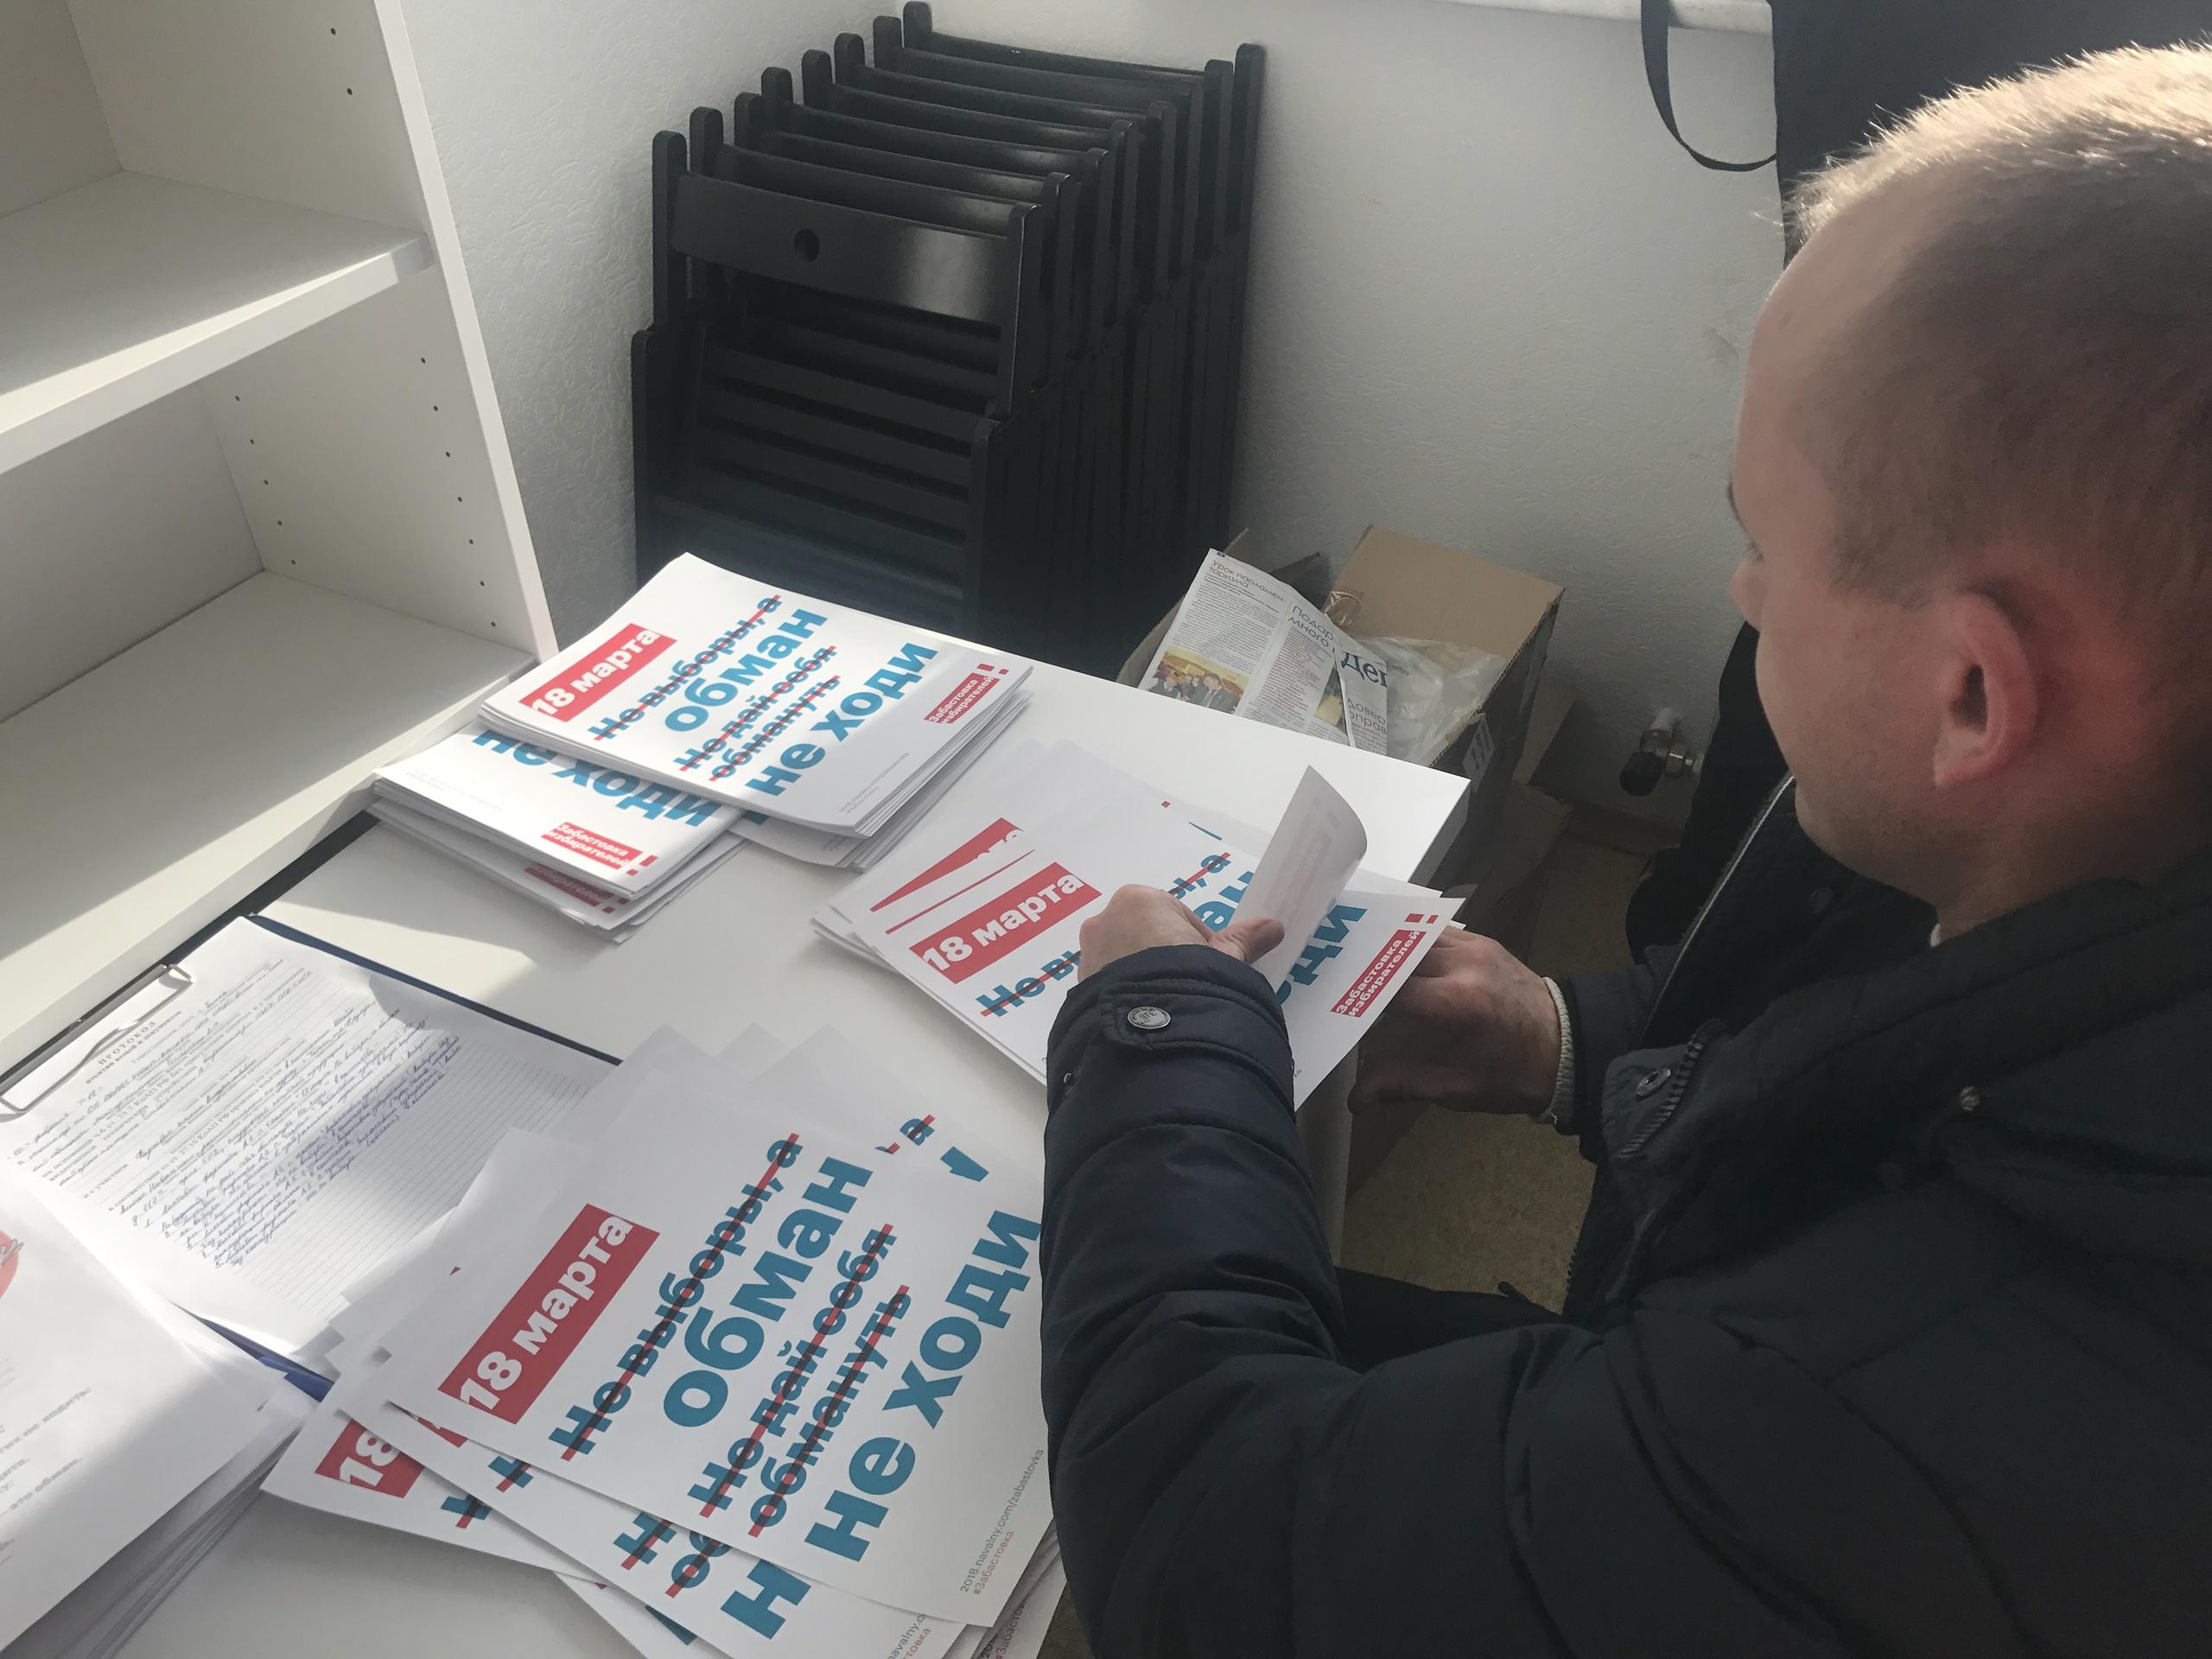 Полиция изъяла почти тысячу листовок в штабе Навального в Томске